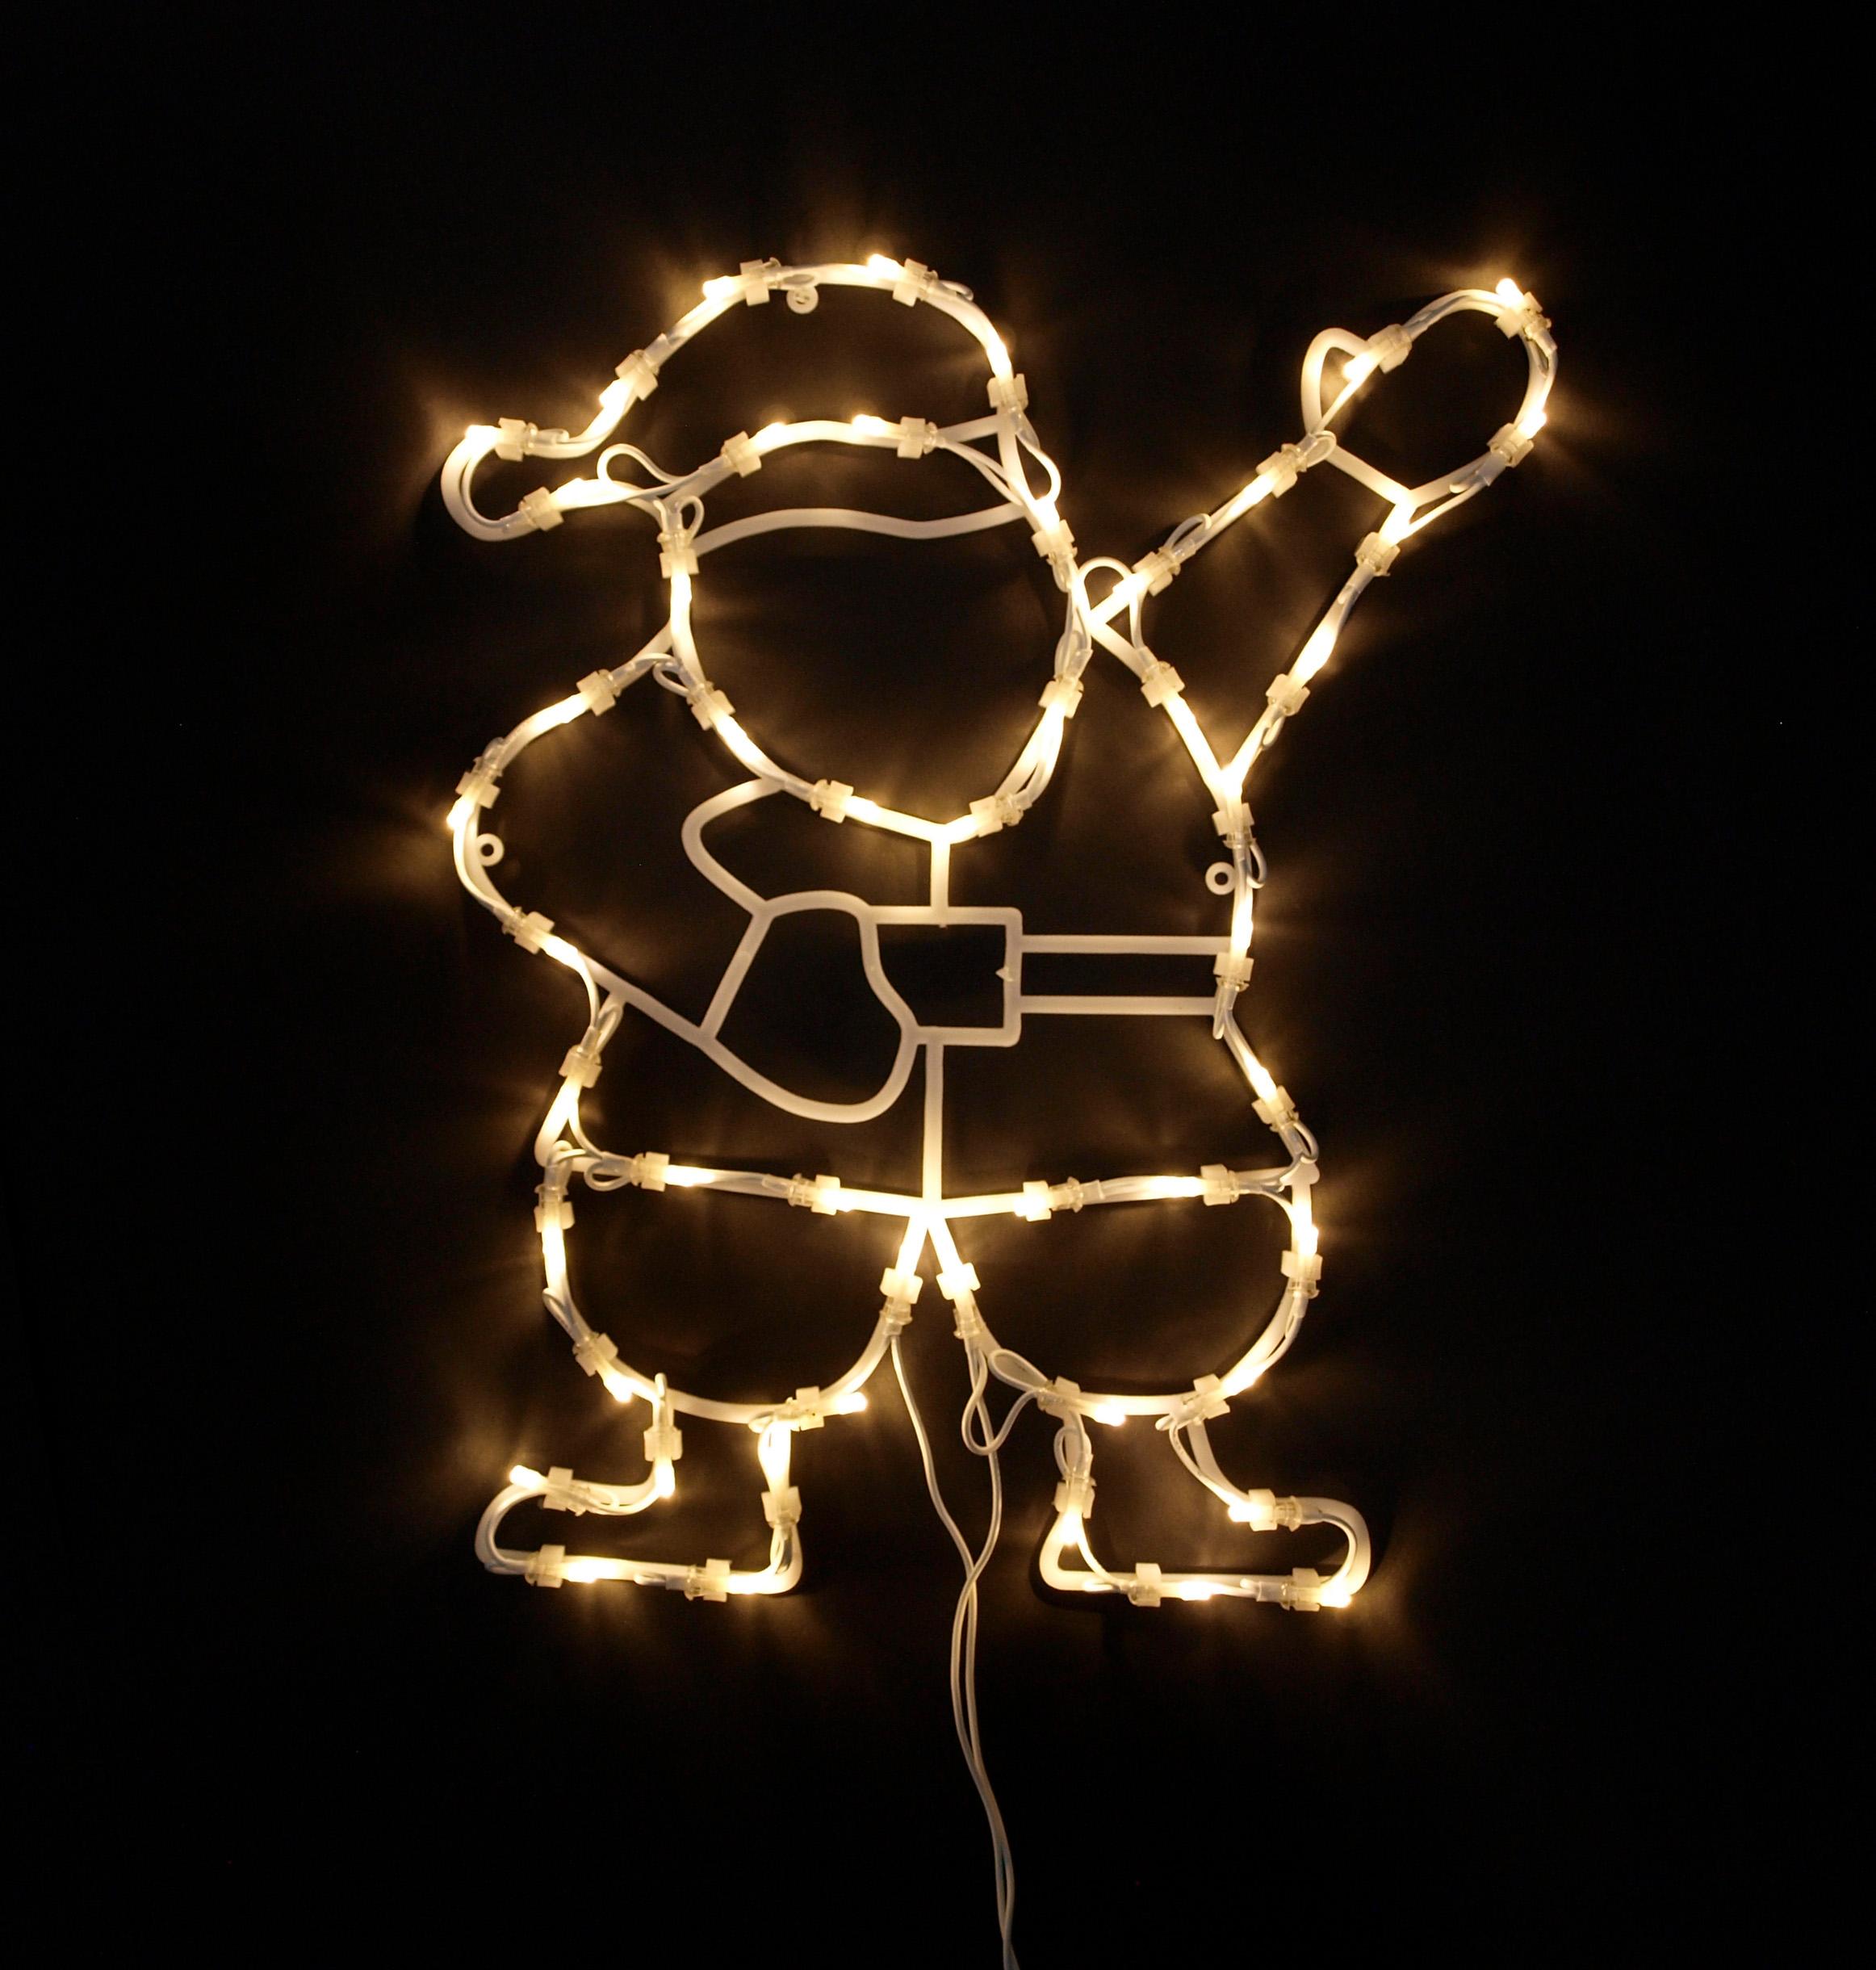 fensterbild fenstersilhouette weihnachtssilhouette weihnachtsmann 2 wahl ebay. Black Bedroom Furniture Sets. Home Design Ideas